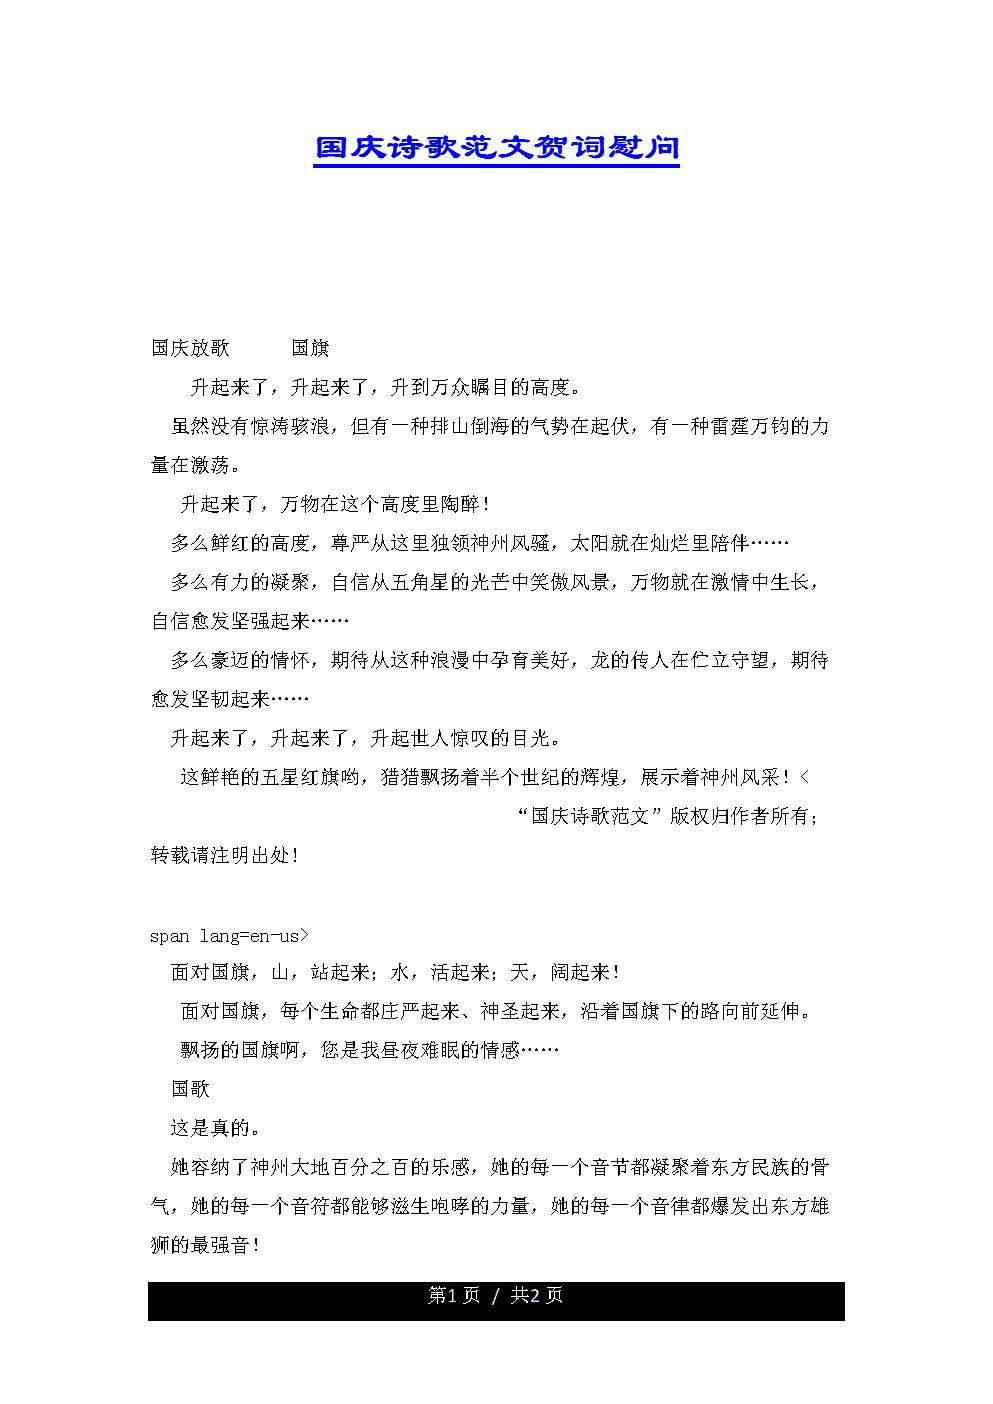 國慶詩歌范文賀詞慰問.docx